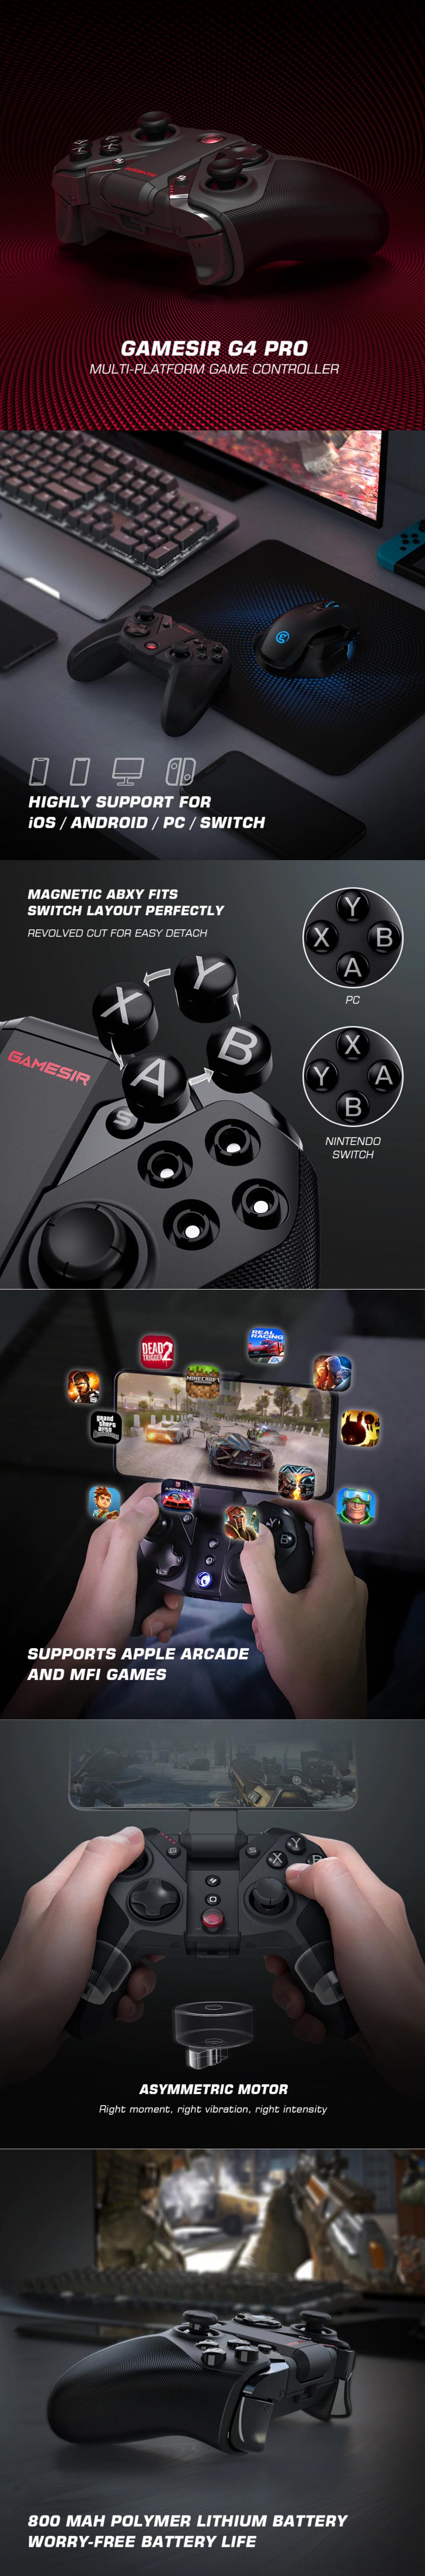 Многоплатформенный игровой контроллер GameSir G4 Pro, беспроводной геймпад